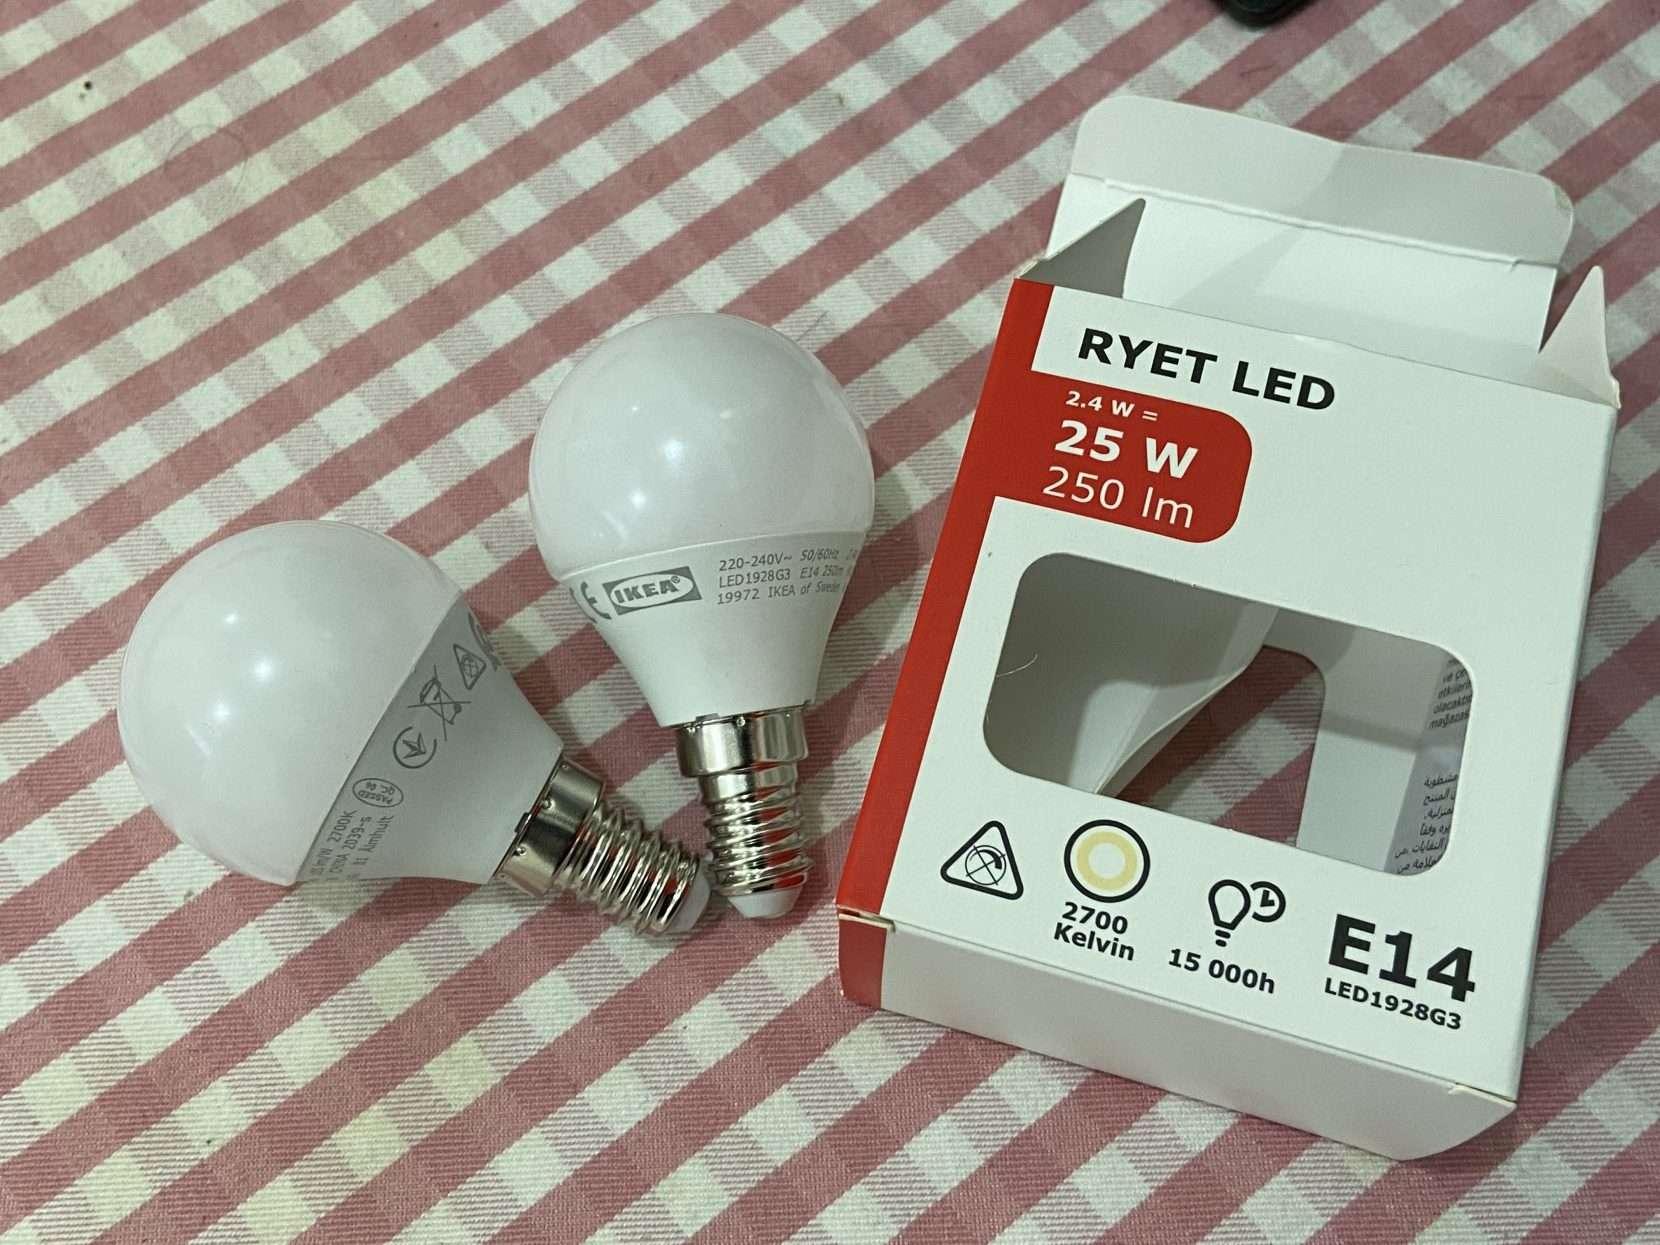 IKEA E14 RYET LED LIGHT x 2 (New & Unused)